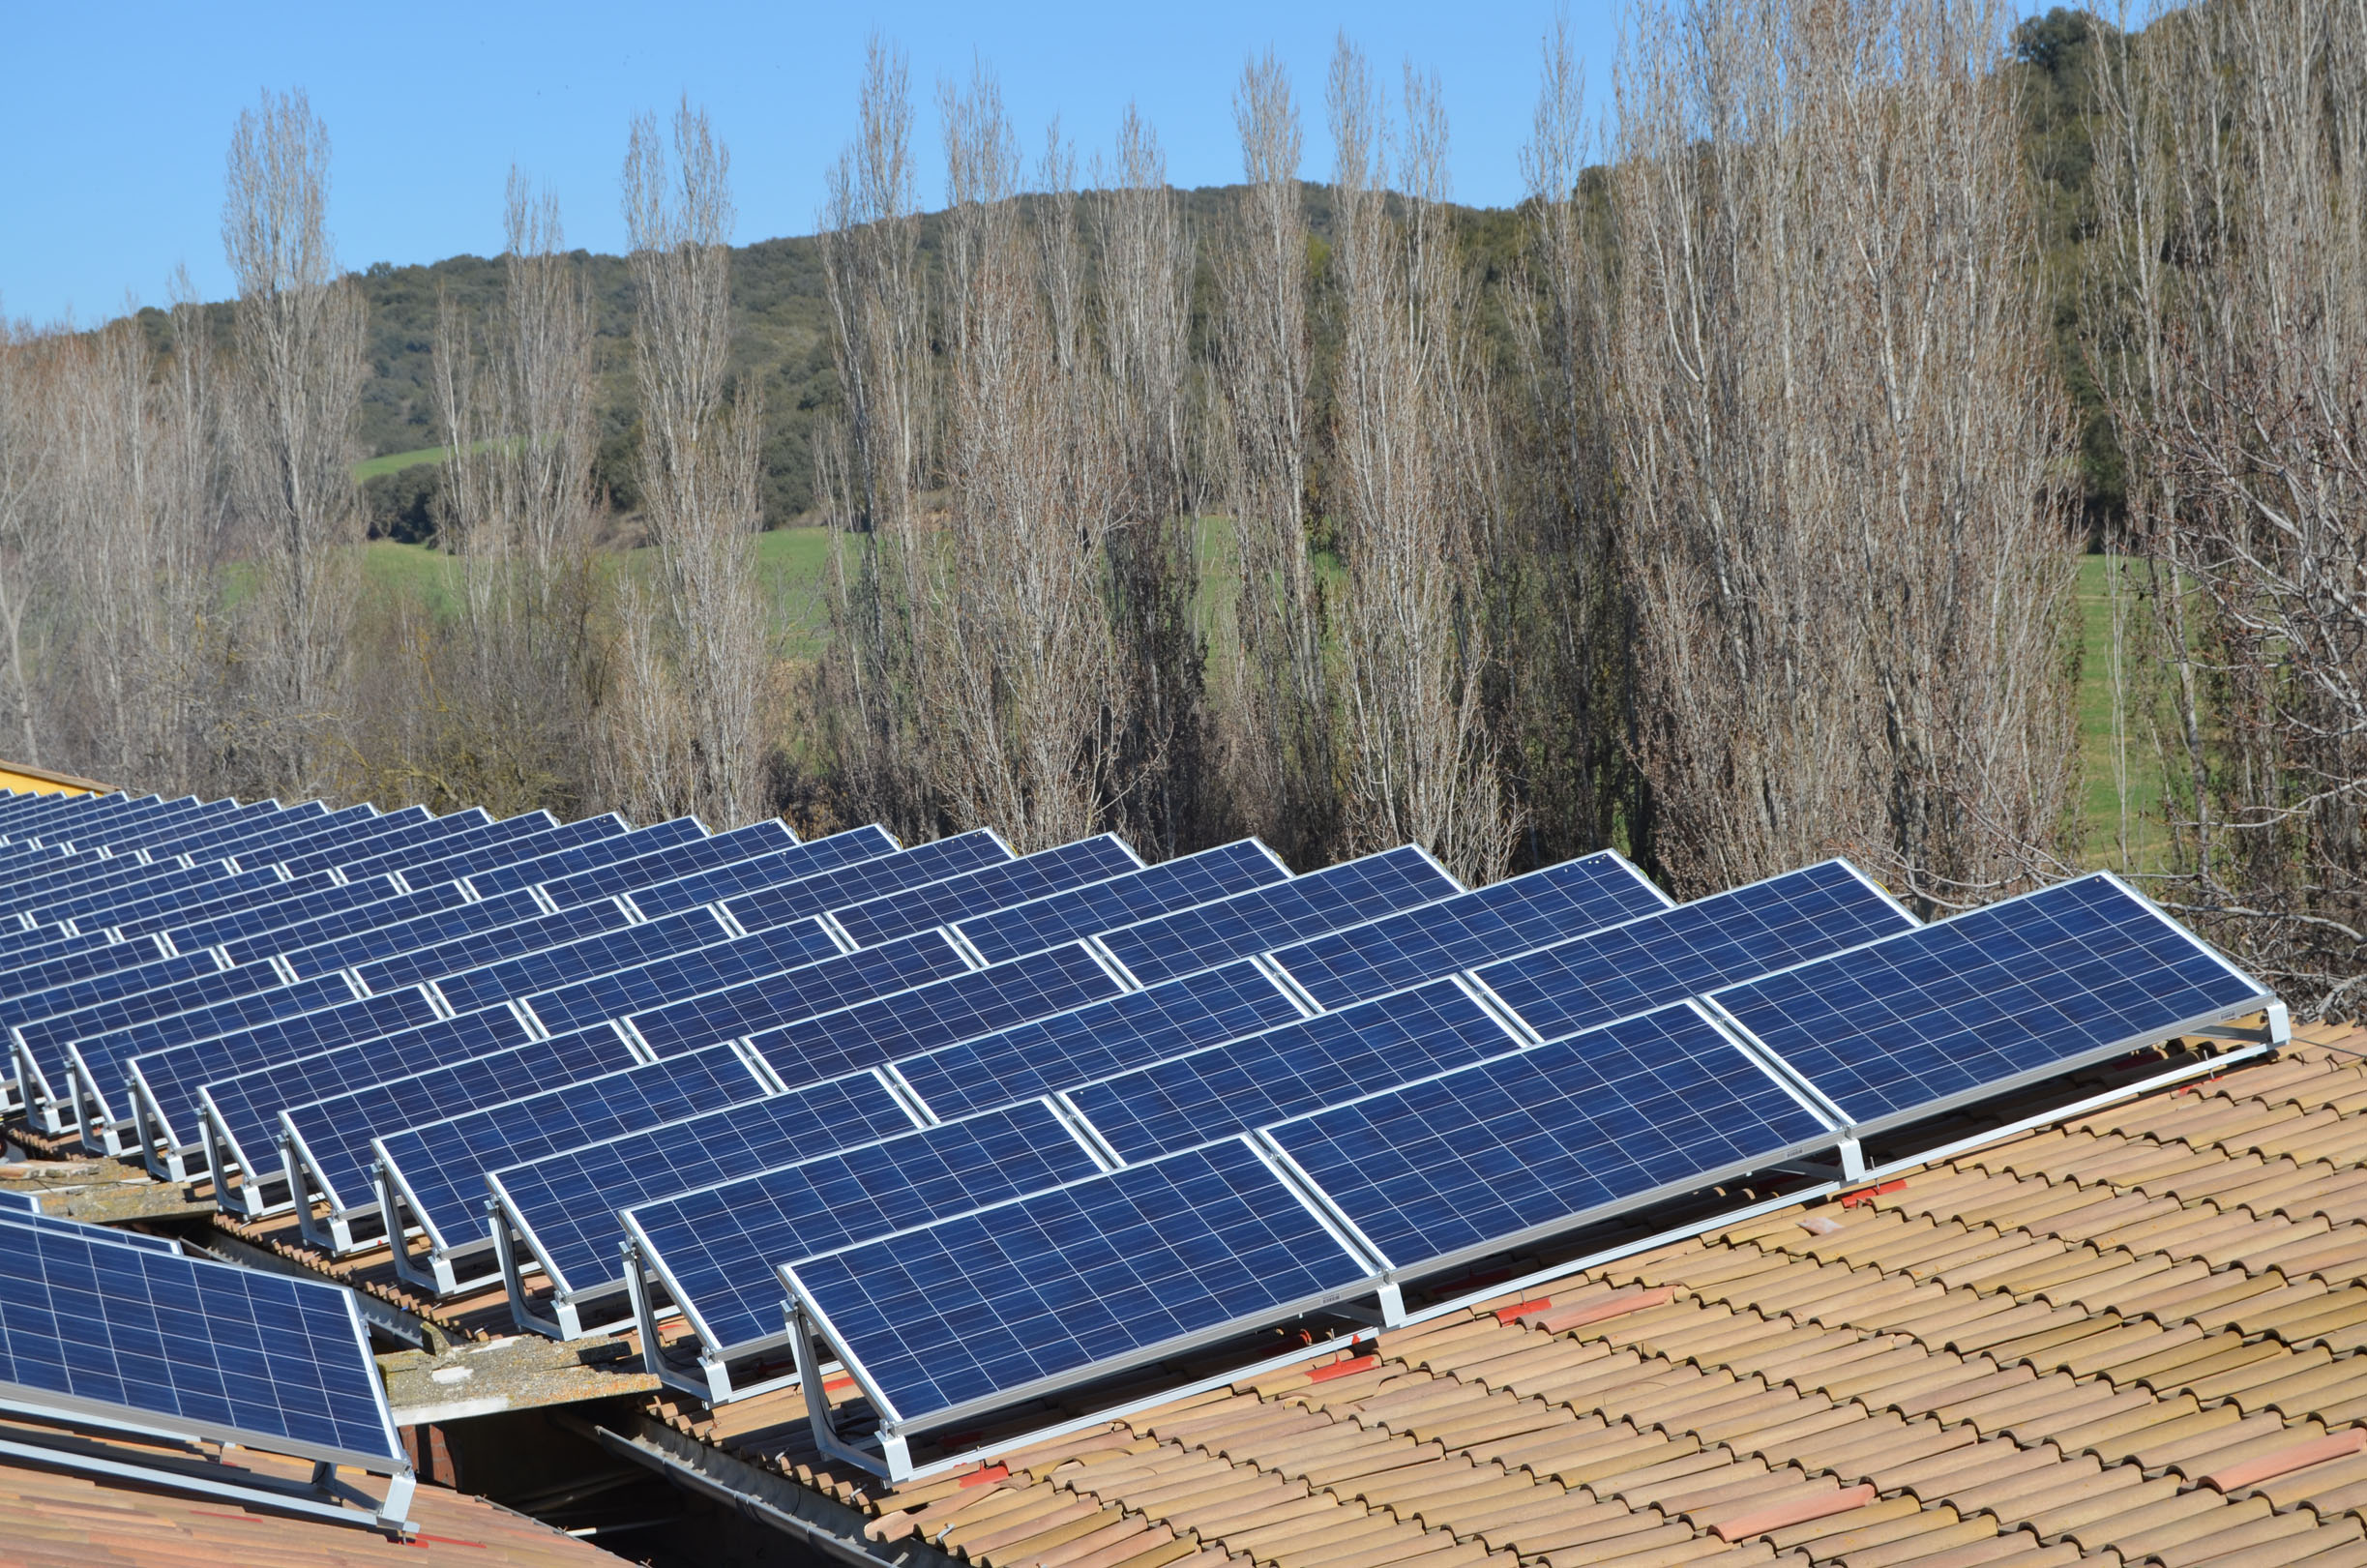 Construyen la instalación fotovoltaica con 'inyección cero' más grande de la provincia de Lleida